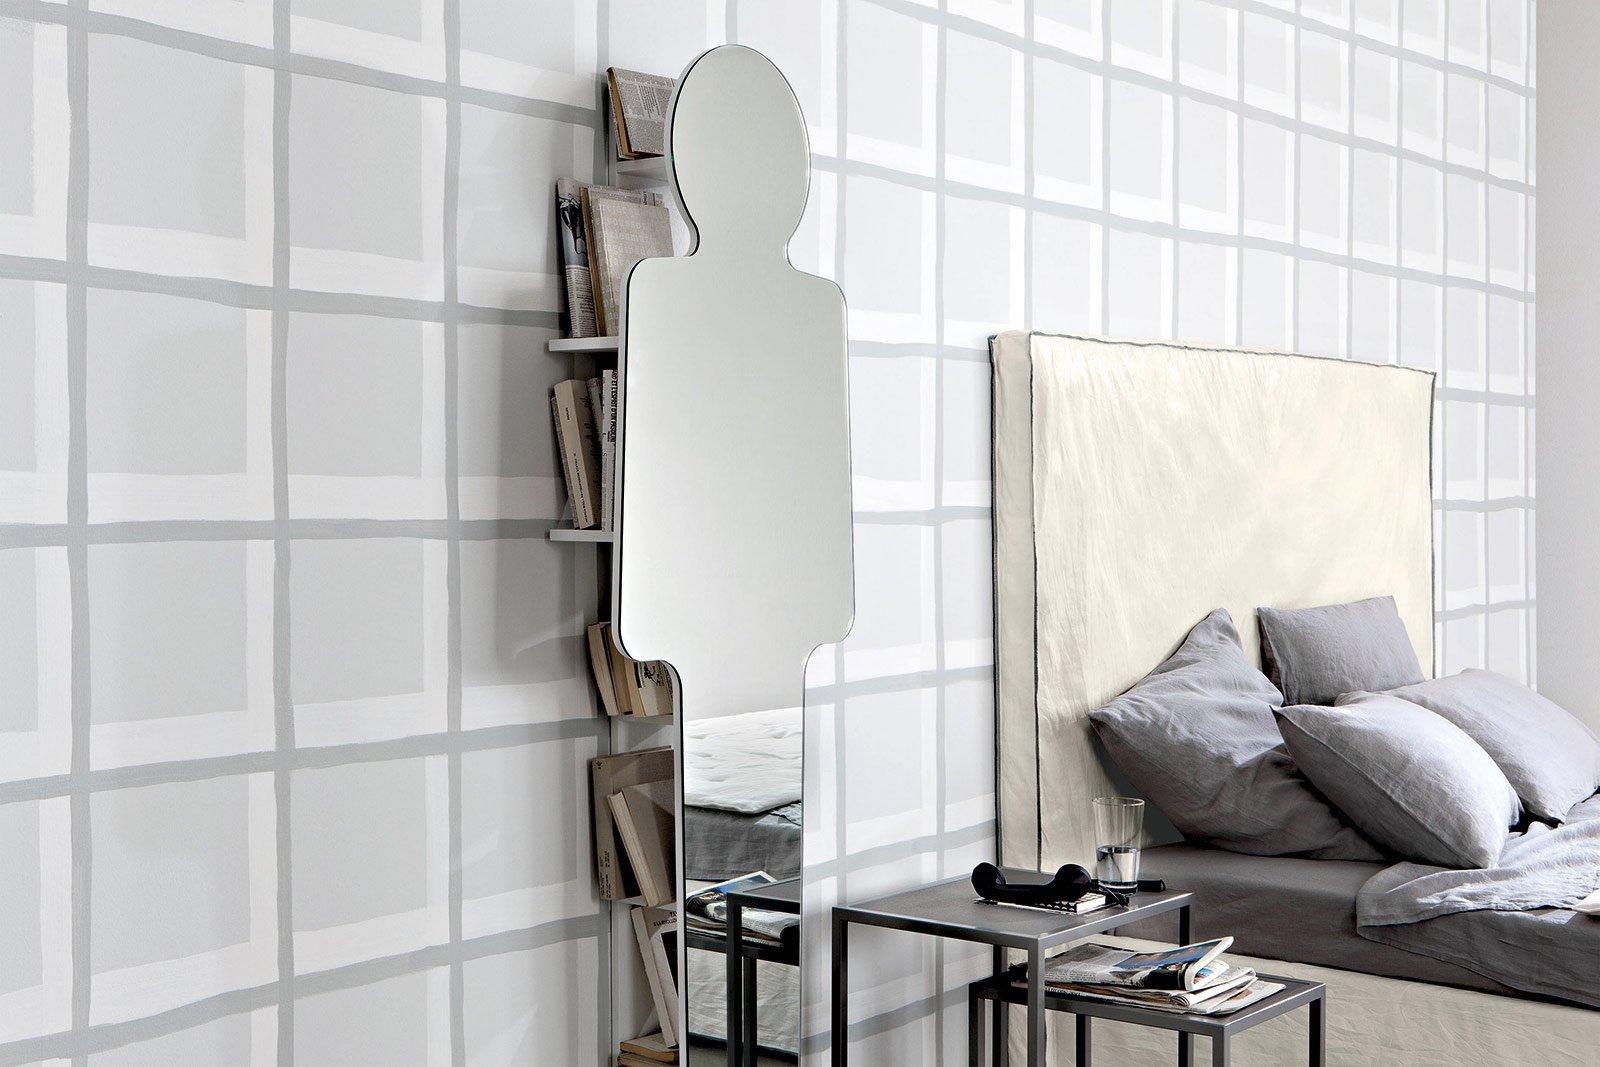 Specchi come elementi d 39 arredo cose di casa for Specchi arredo